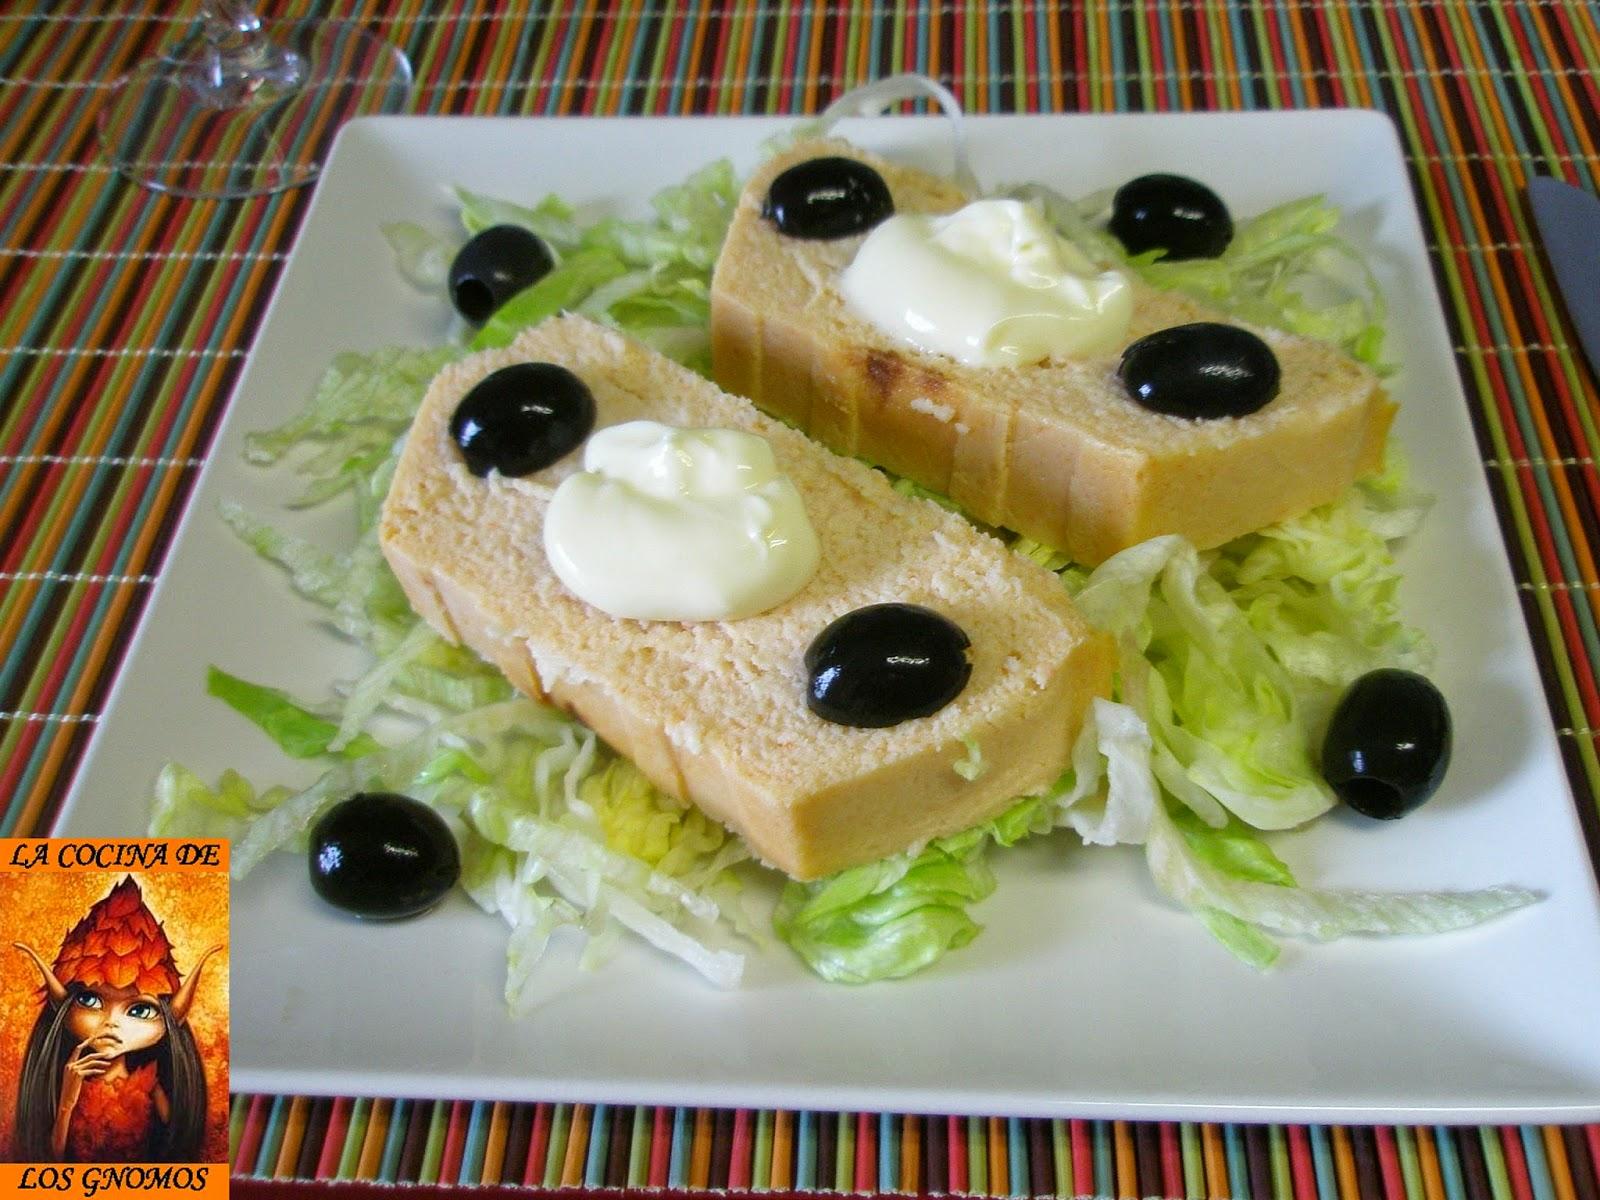 La cocina de los gnomos pastel de merluza camarones y surimi al microondas - Cocinar pescado en microondas ...